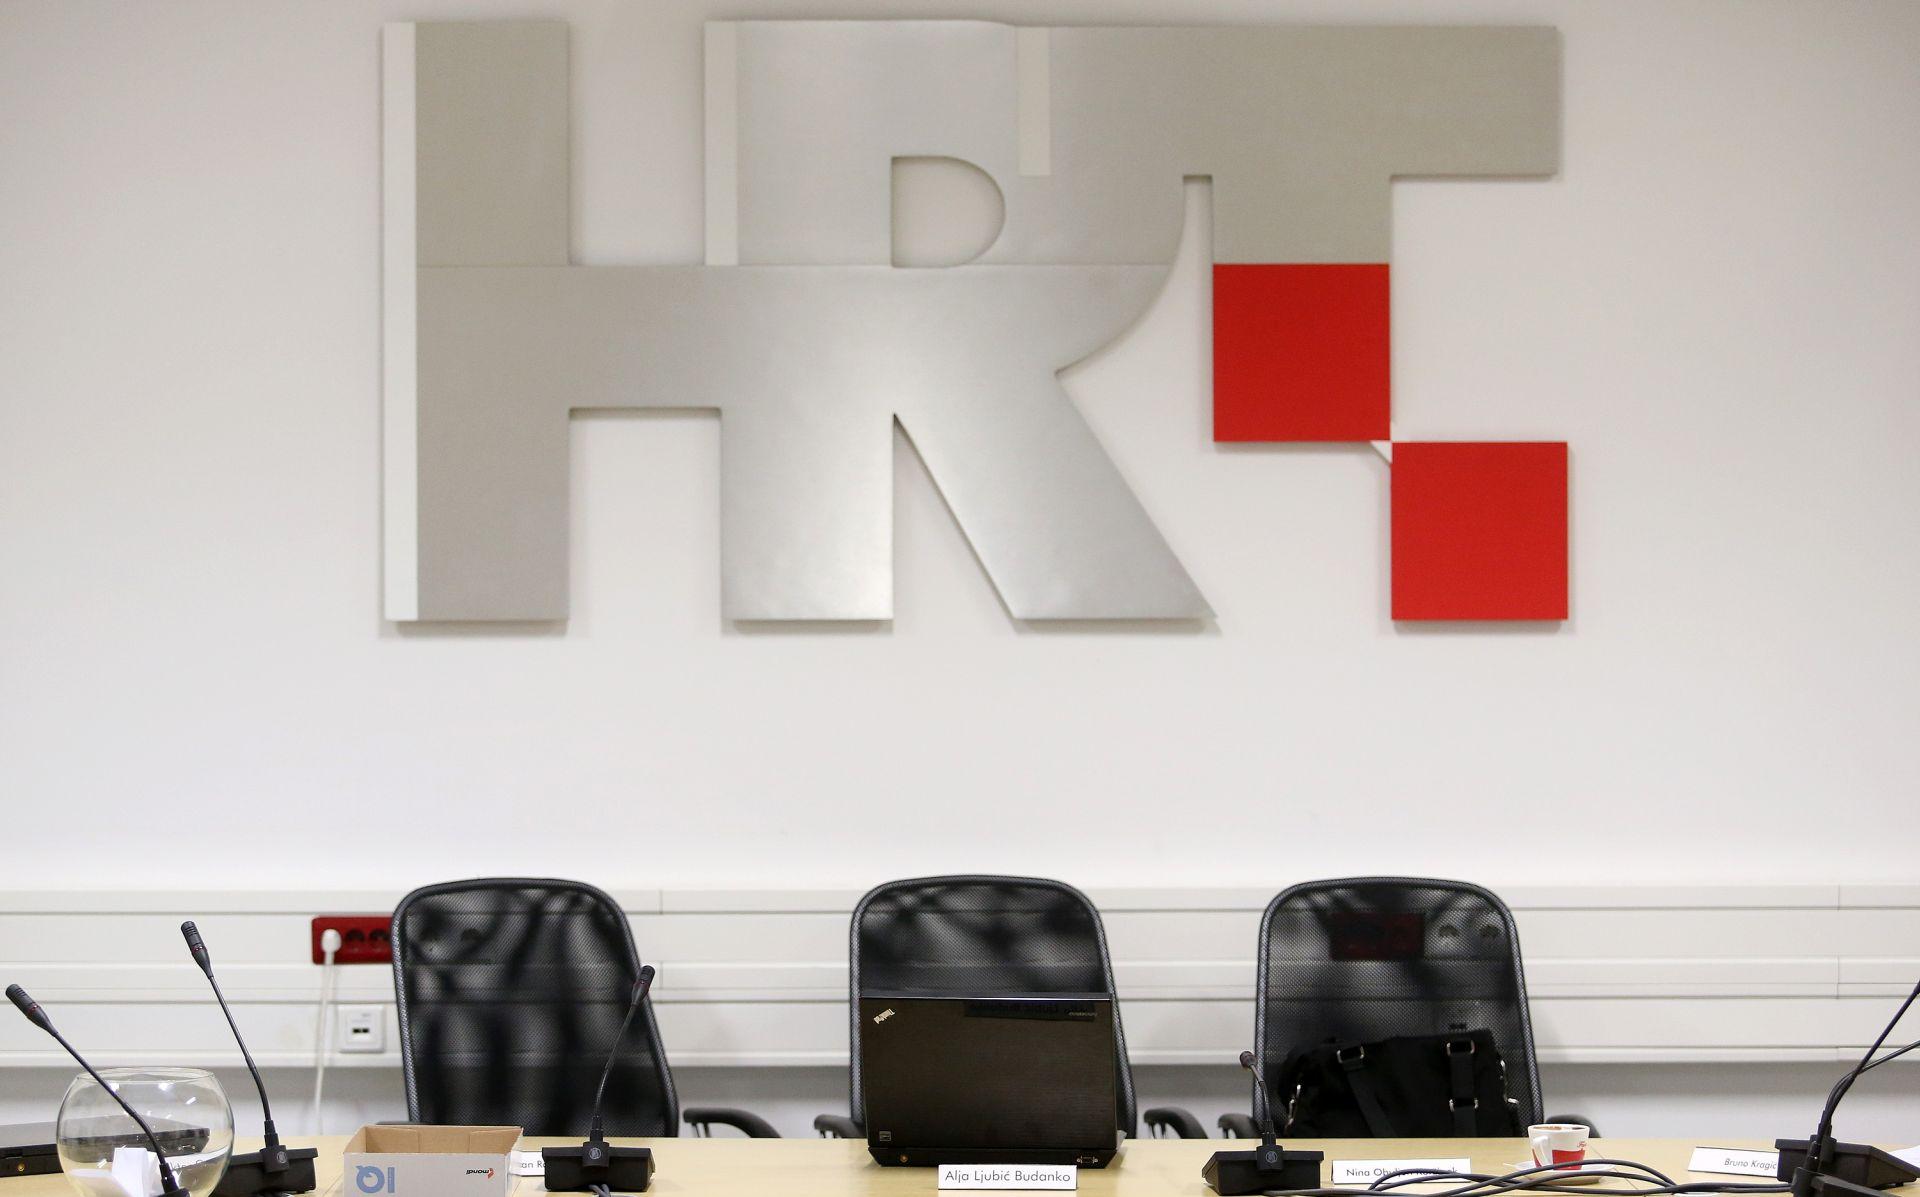 Programsko vijeće HRT-a odbilo izvješće o ugovoru s Vladom u 2015.